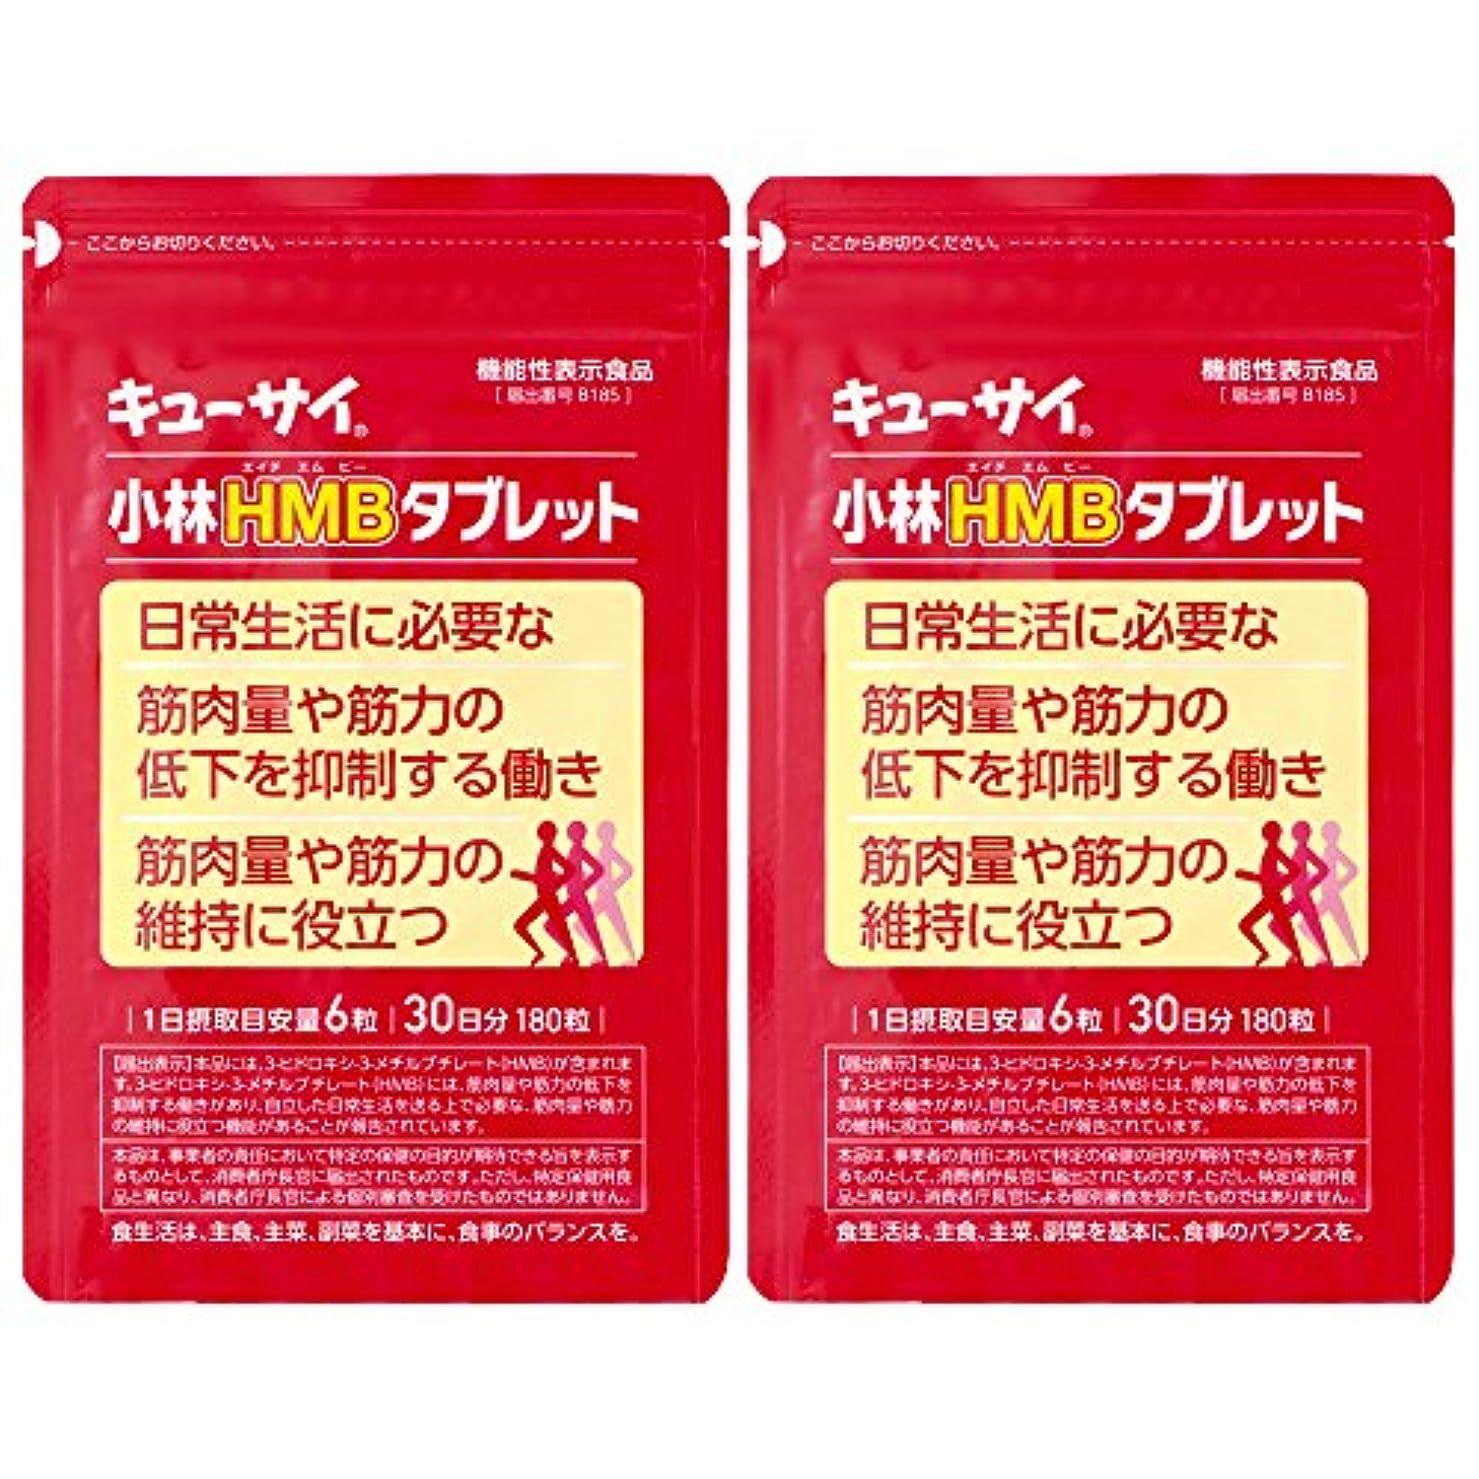 提供された医師怖がって死ぬ小林HMBタブレット(180粒)2袋まとめ買い 機能性表示食品/キューサイ 筋力低下抑制成分配合サプリメント